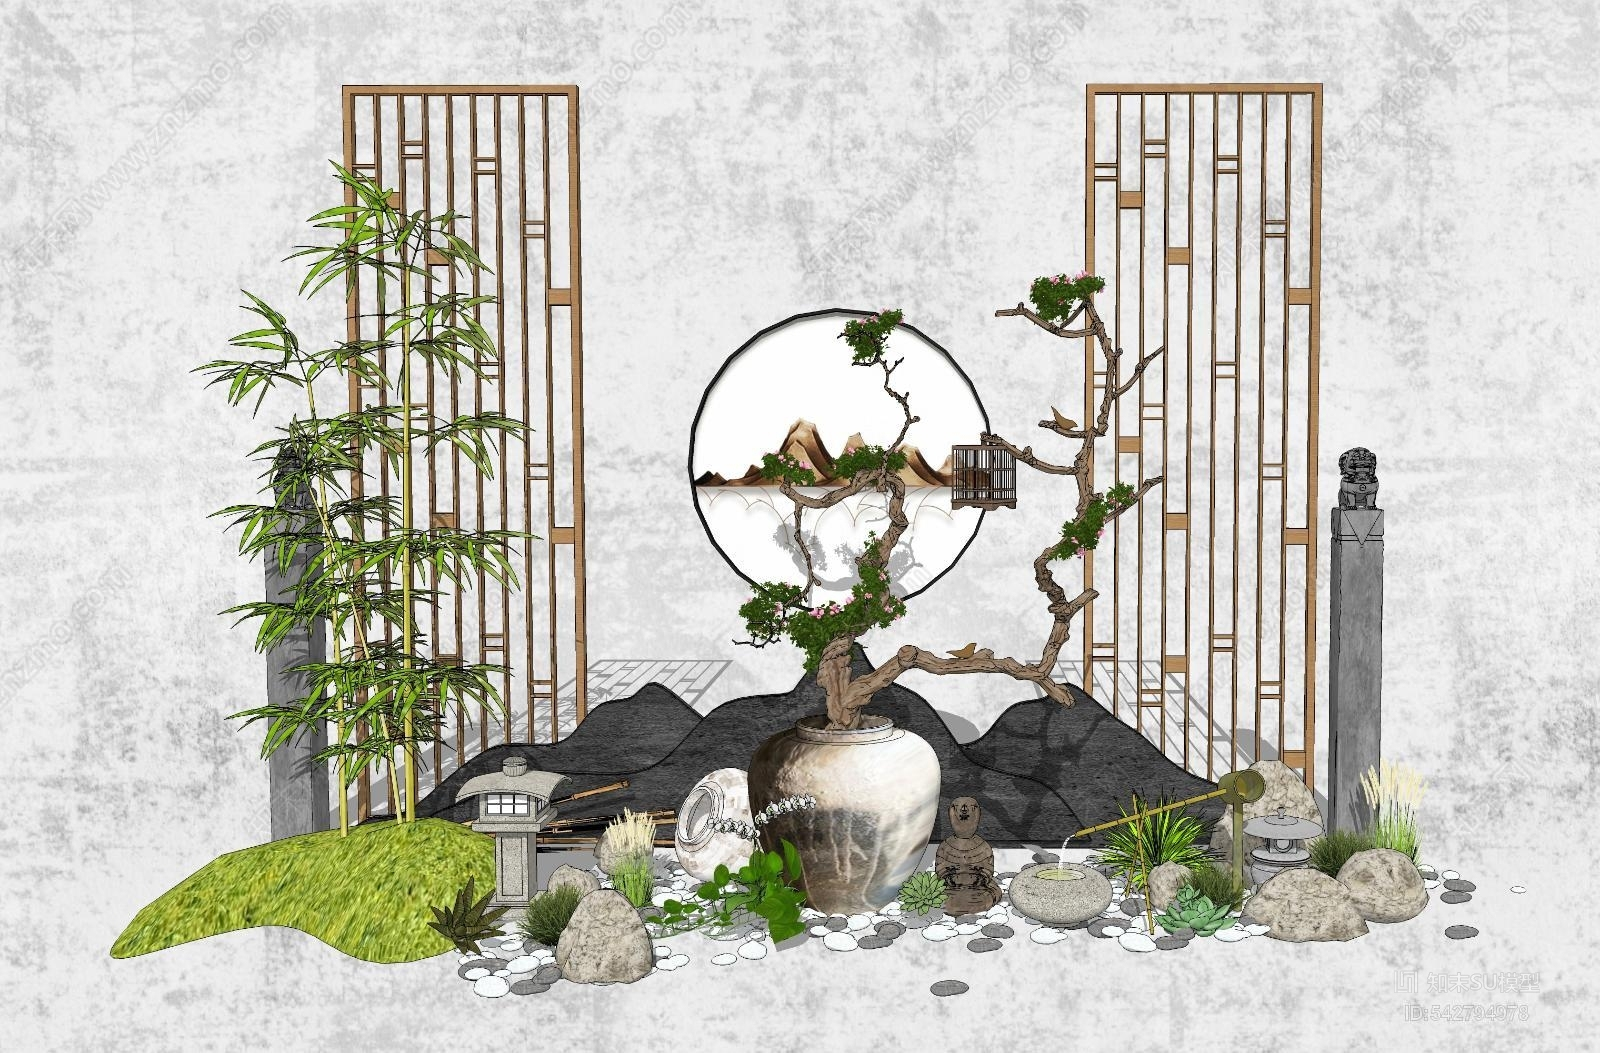 新中式景观小品 庭院小品 山水石头